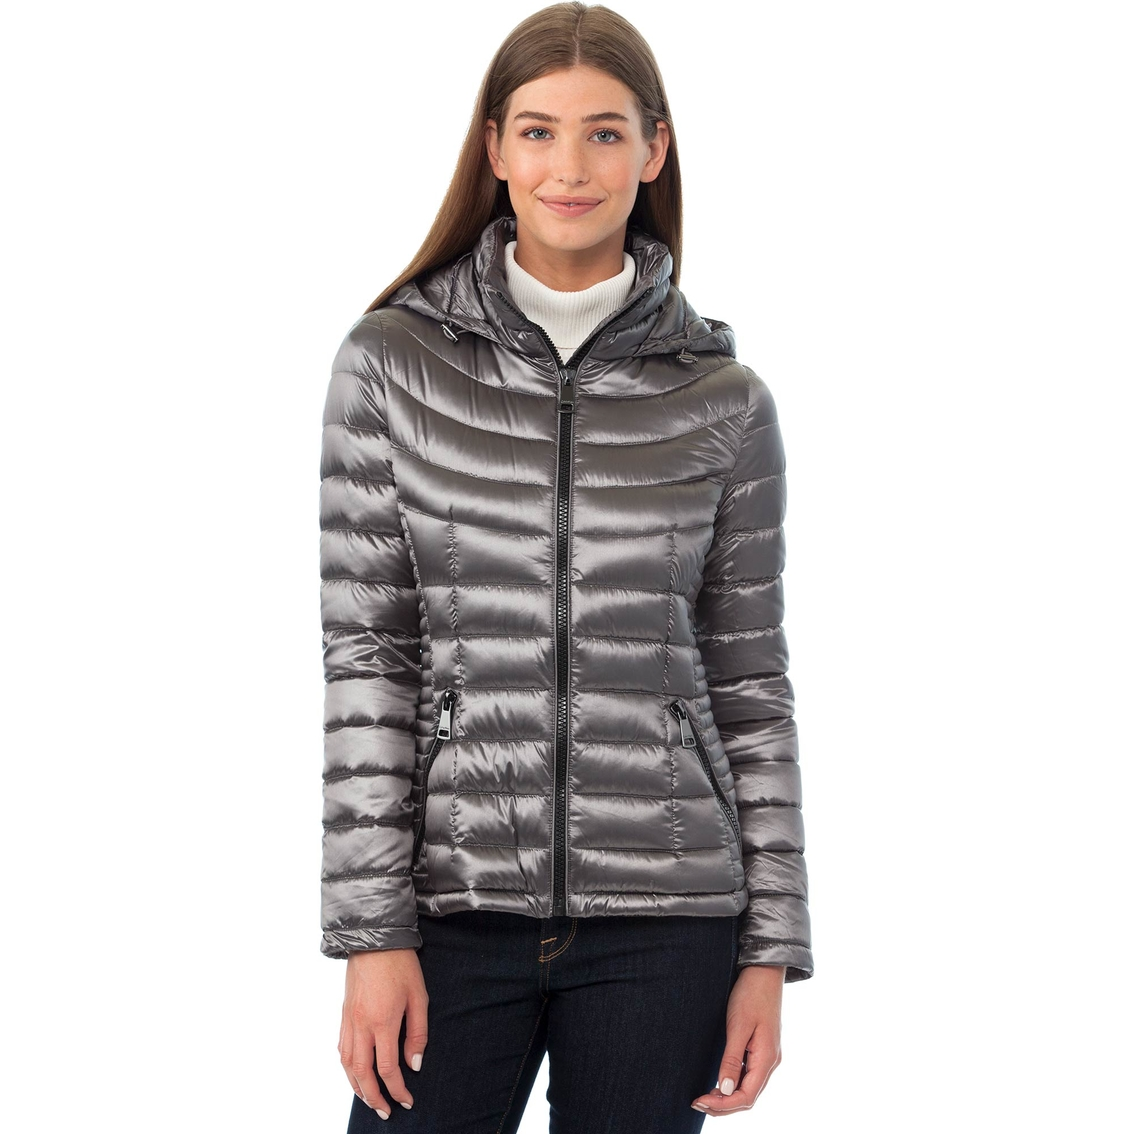 fdefec220894 Calvin Klein Packable Down Jacket | Jackets | Apparel | Shop The ...